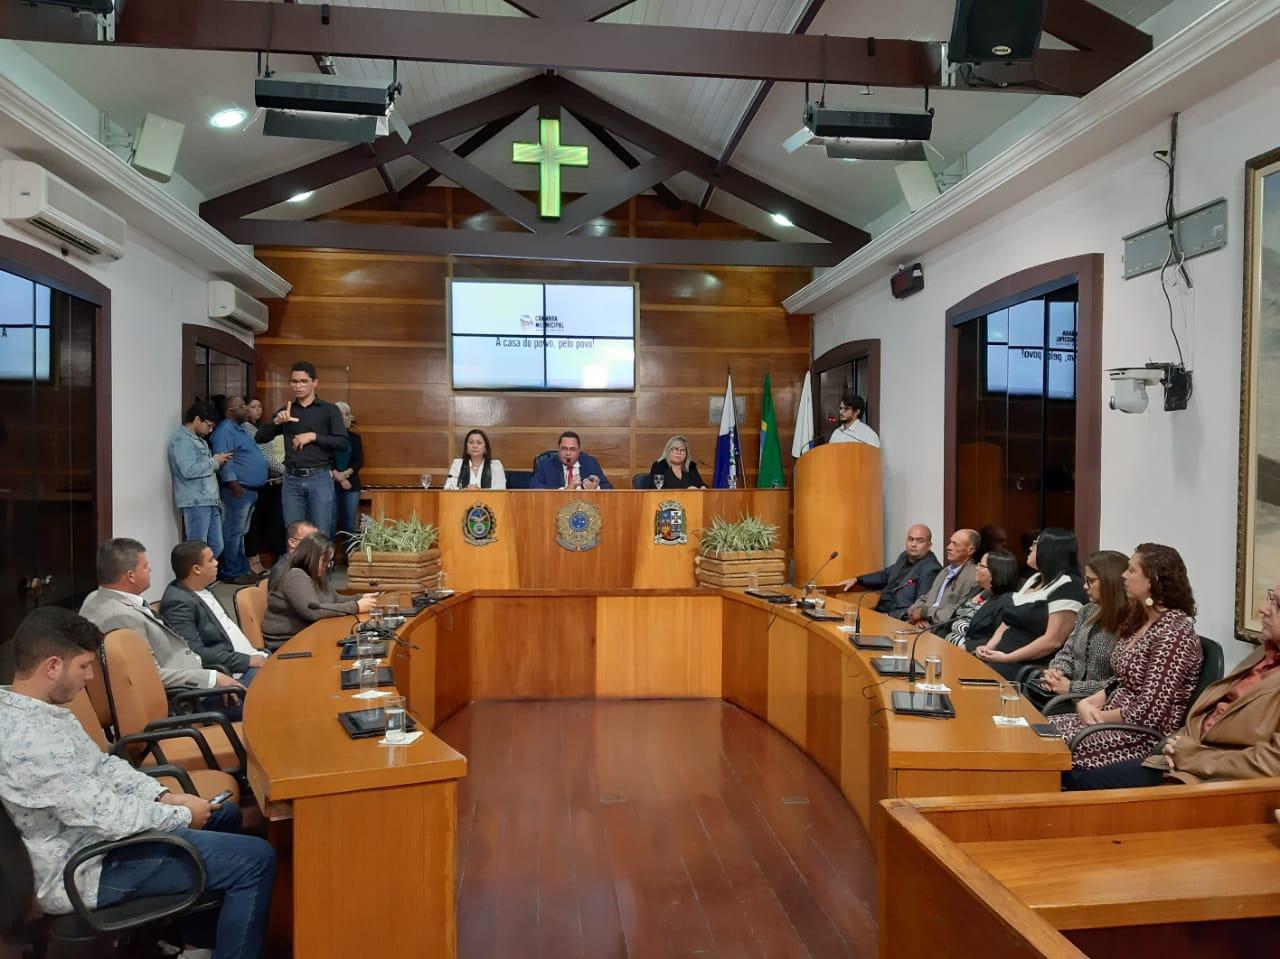 Sessão alusiva ao Dia da Independência foi realizada pela Câmara Municipal